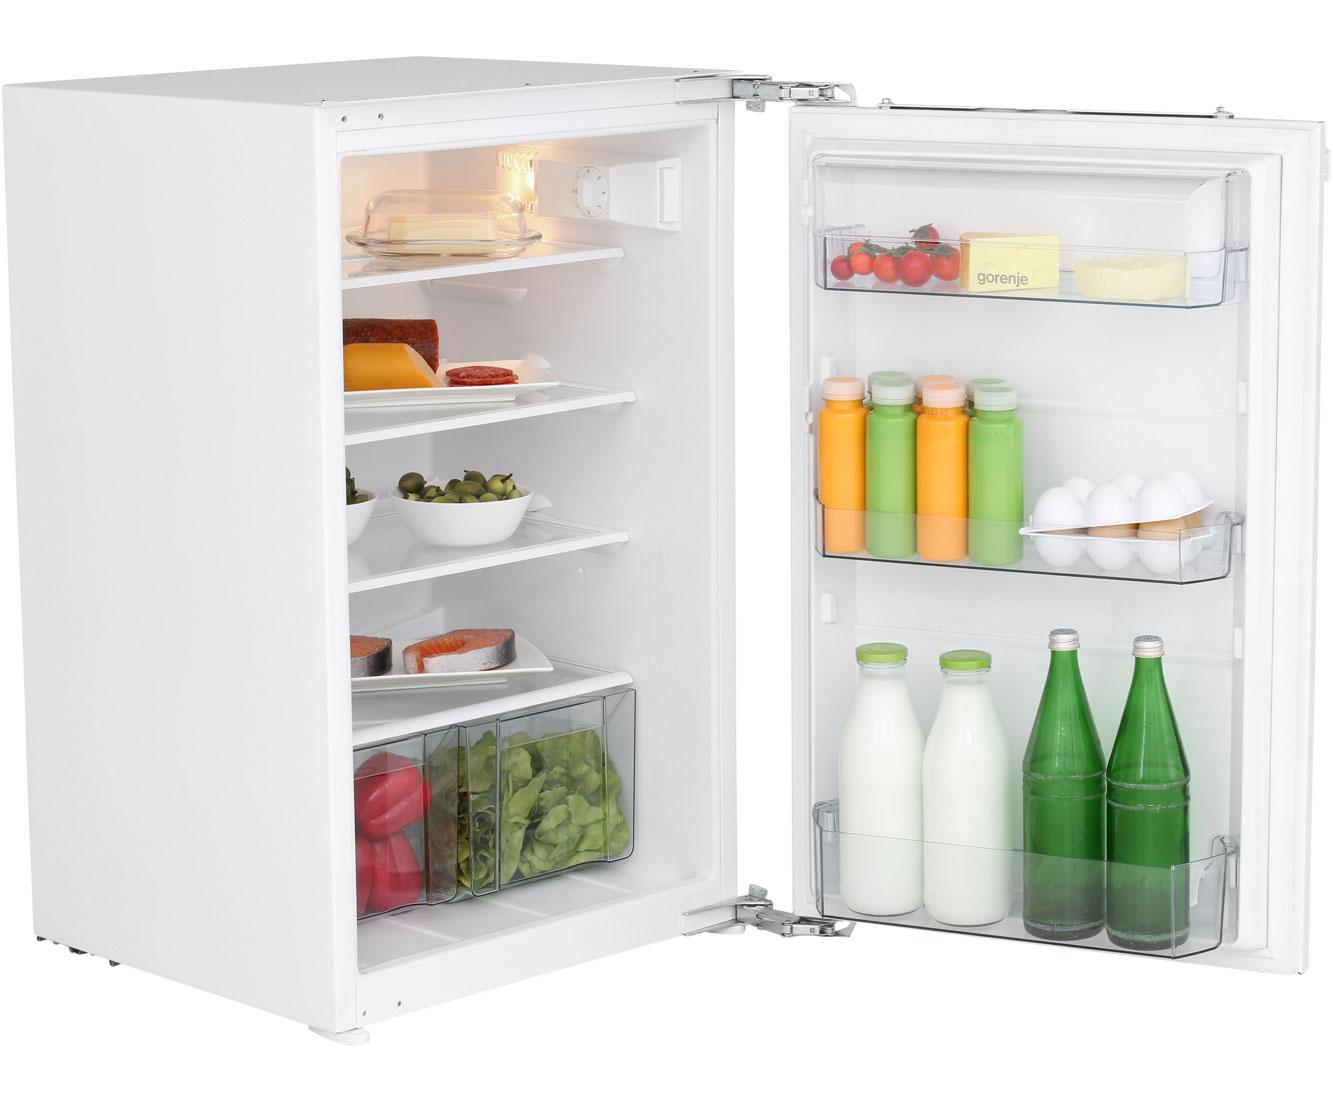 Gorenje Kühlschrank Erfahrungen : Gorenje ri aw einbau kühlschrank er nische festtür technik